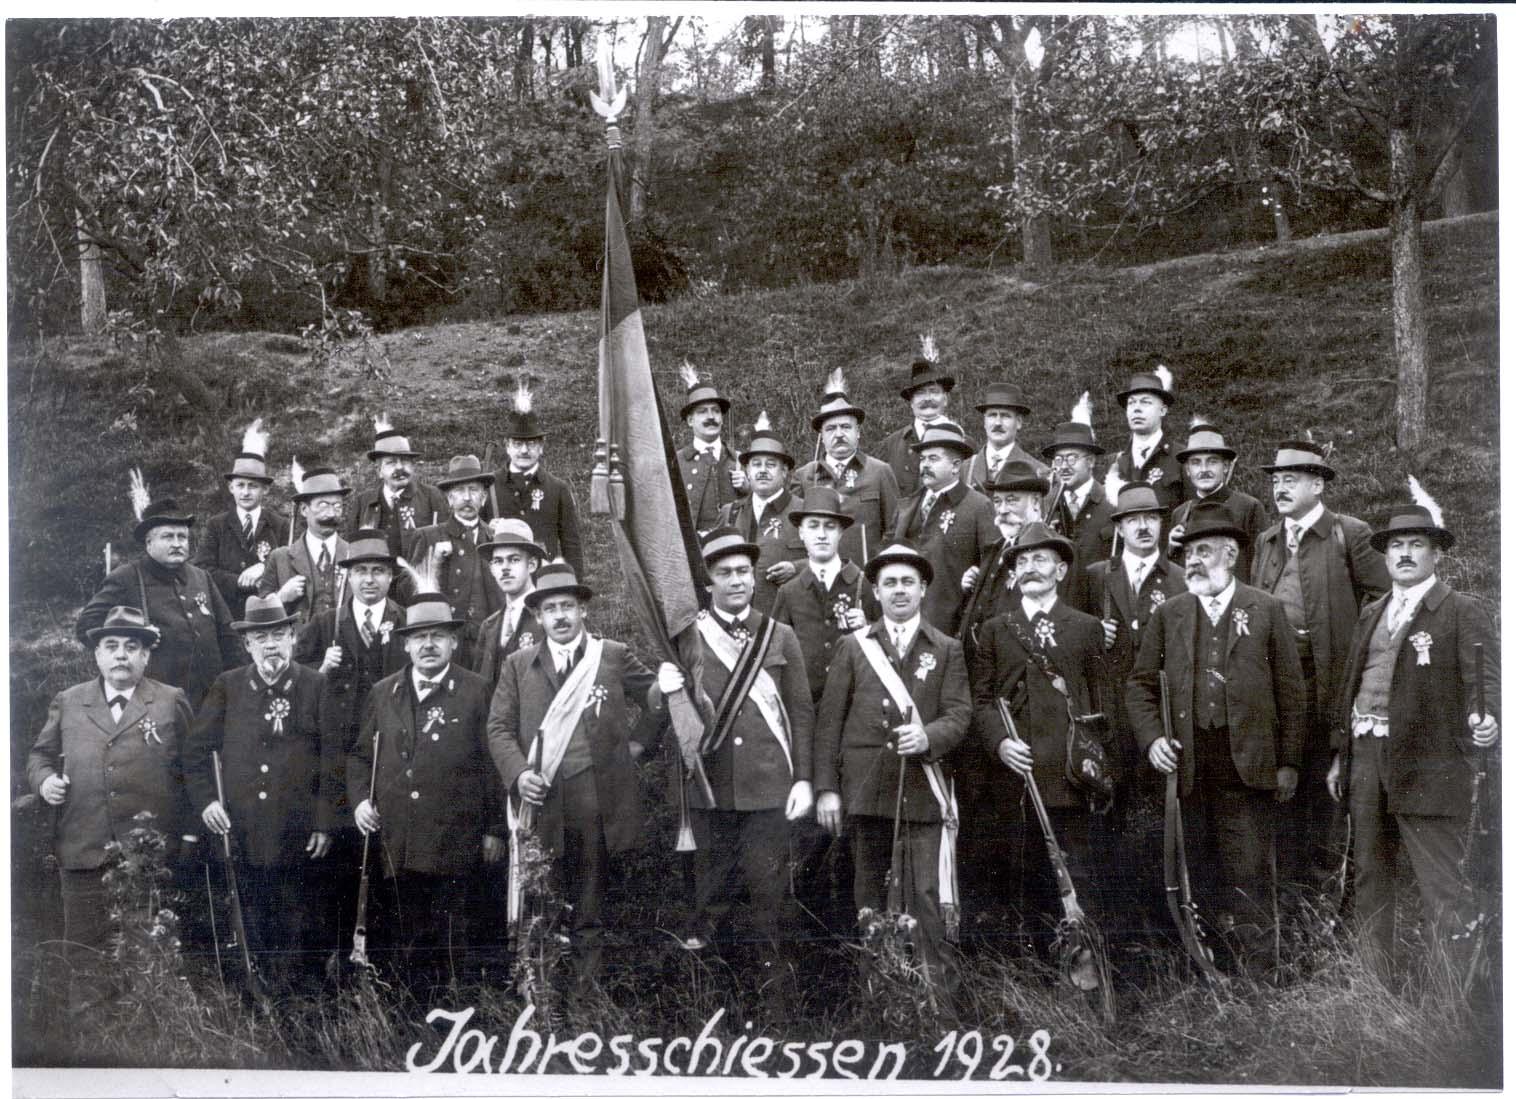 Jahresschießen 1928